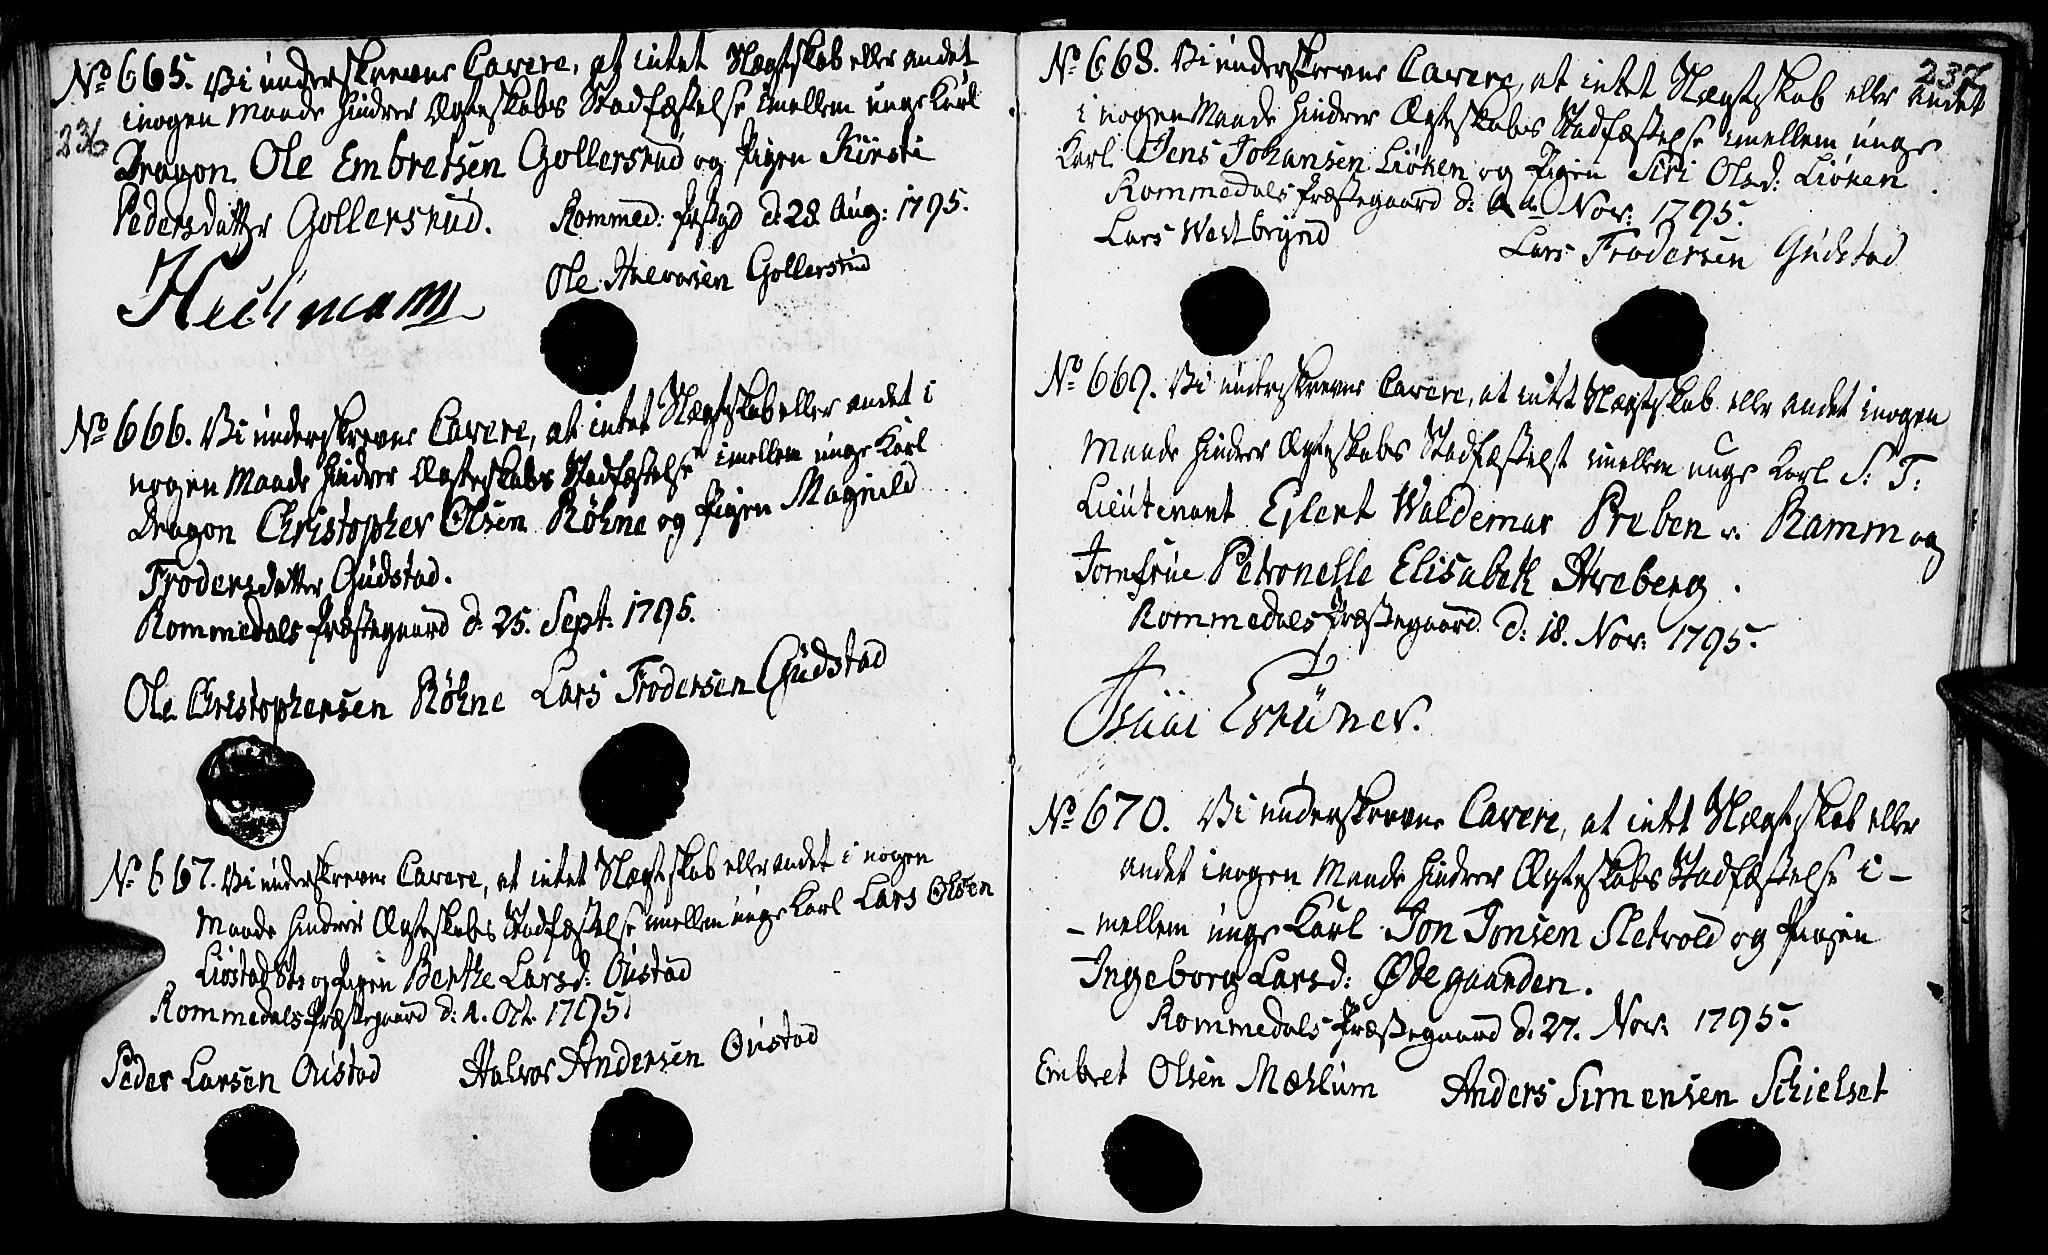 SAH, Romedal prestekontor, I/L0001: Forlovererklæringer nr. 1, 1762-1802, s. 236-237